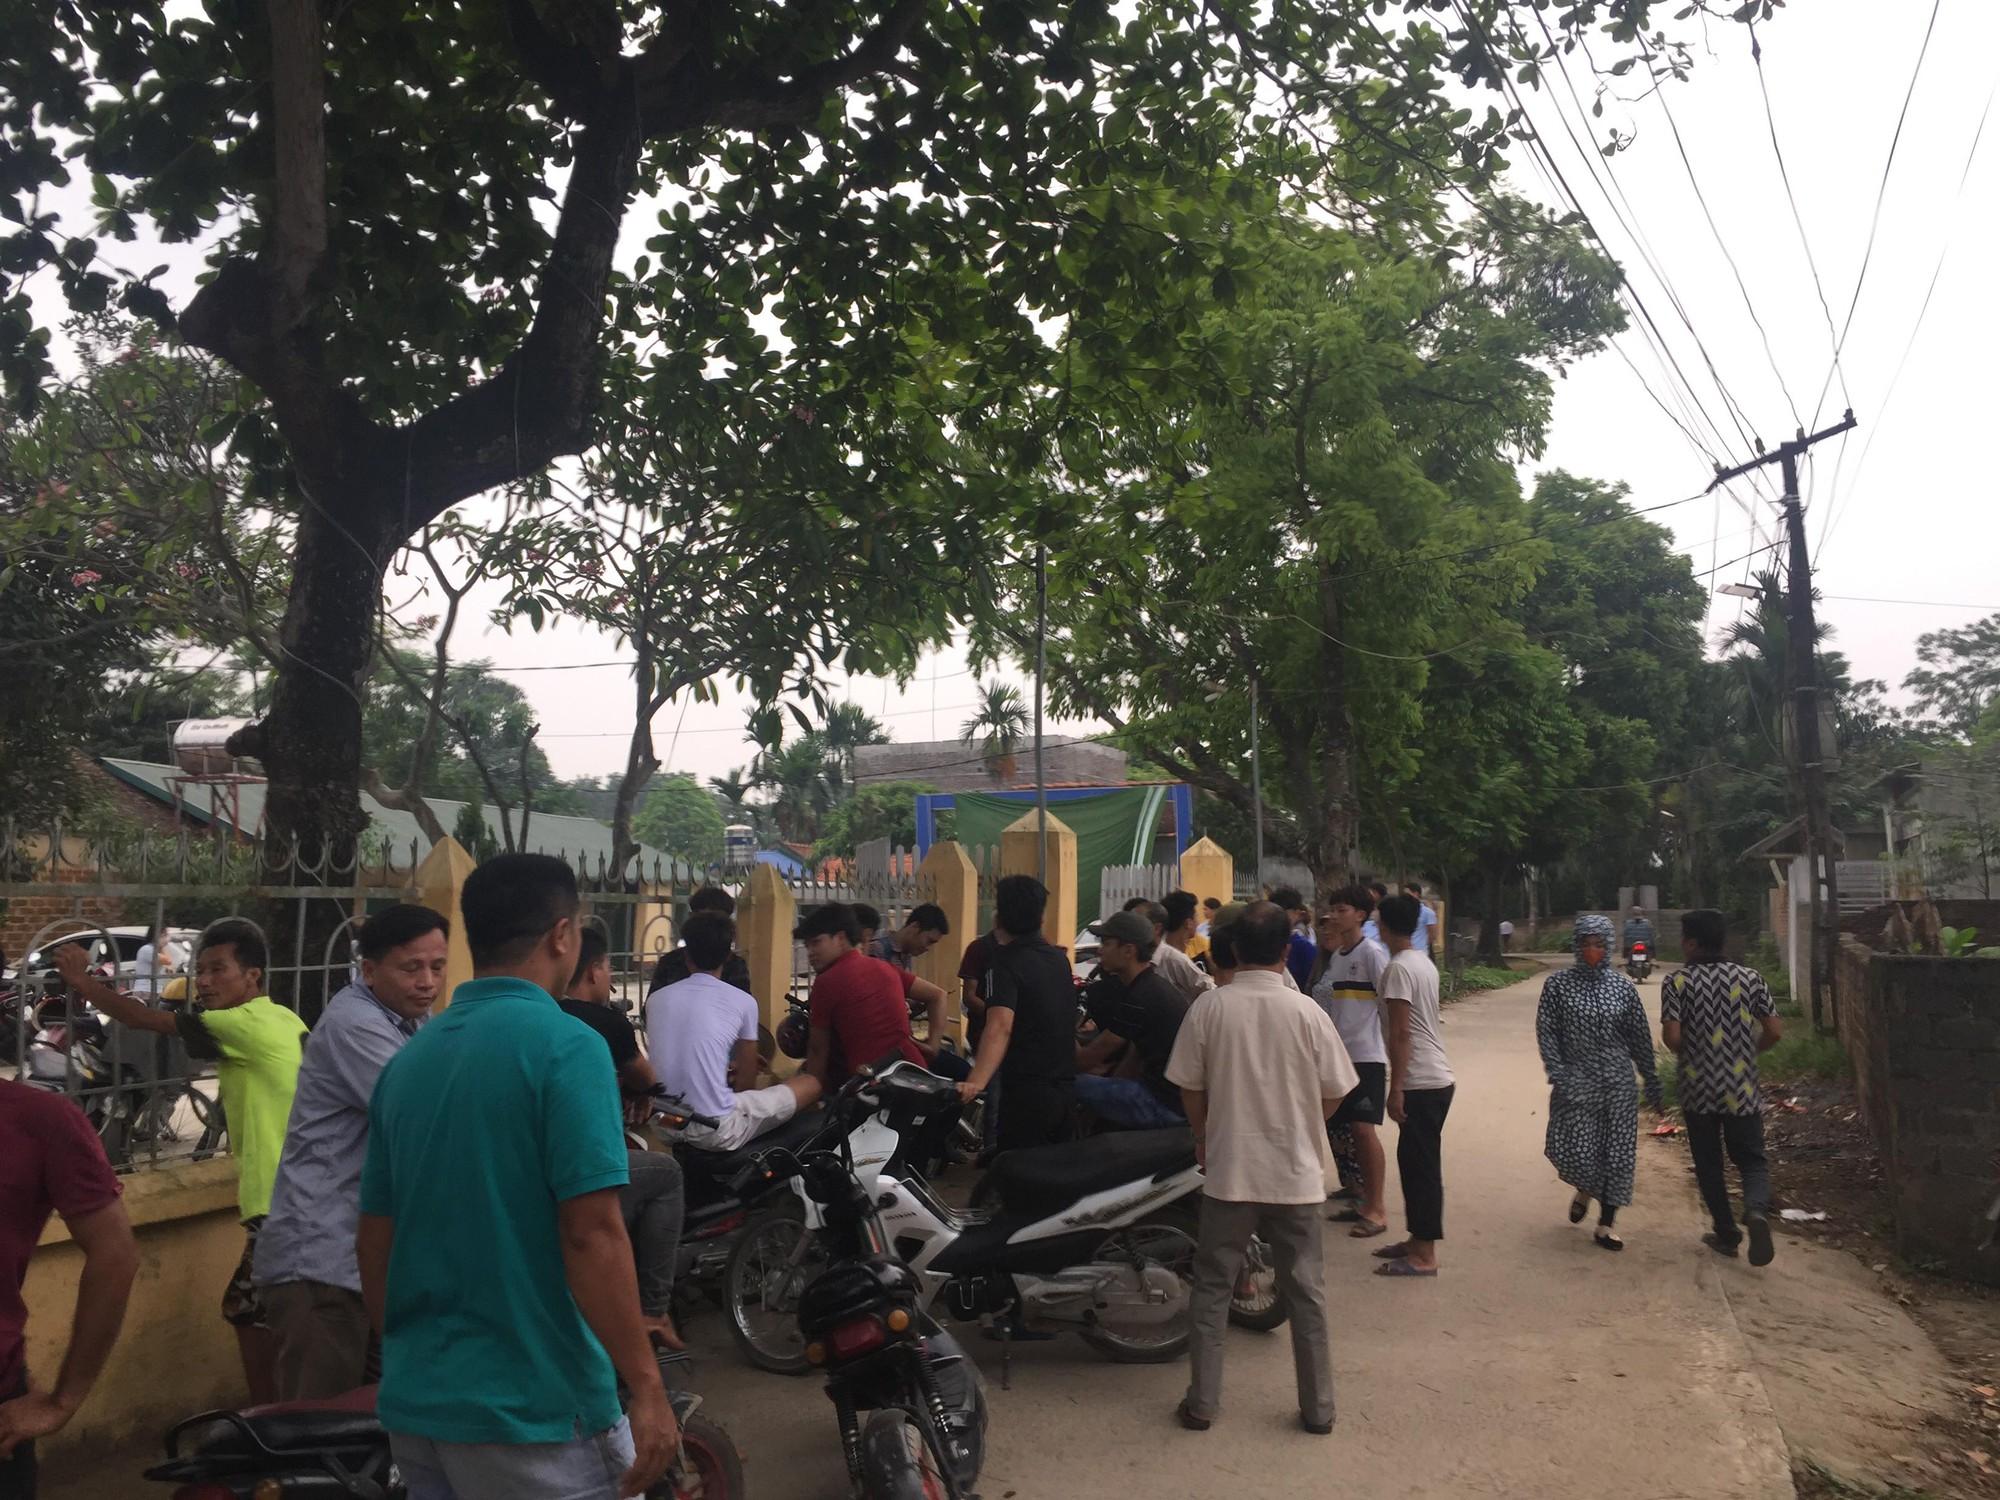 Vụ bác rể sát hại cháu trai 8 tuổi ở Hà Nội: Thi thể bị buộc chặt trong bao tải, chôn sâu trong đống gạch đá - Ảnh 1.